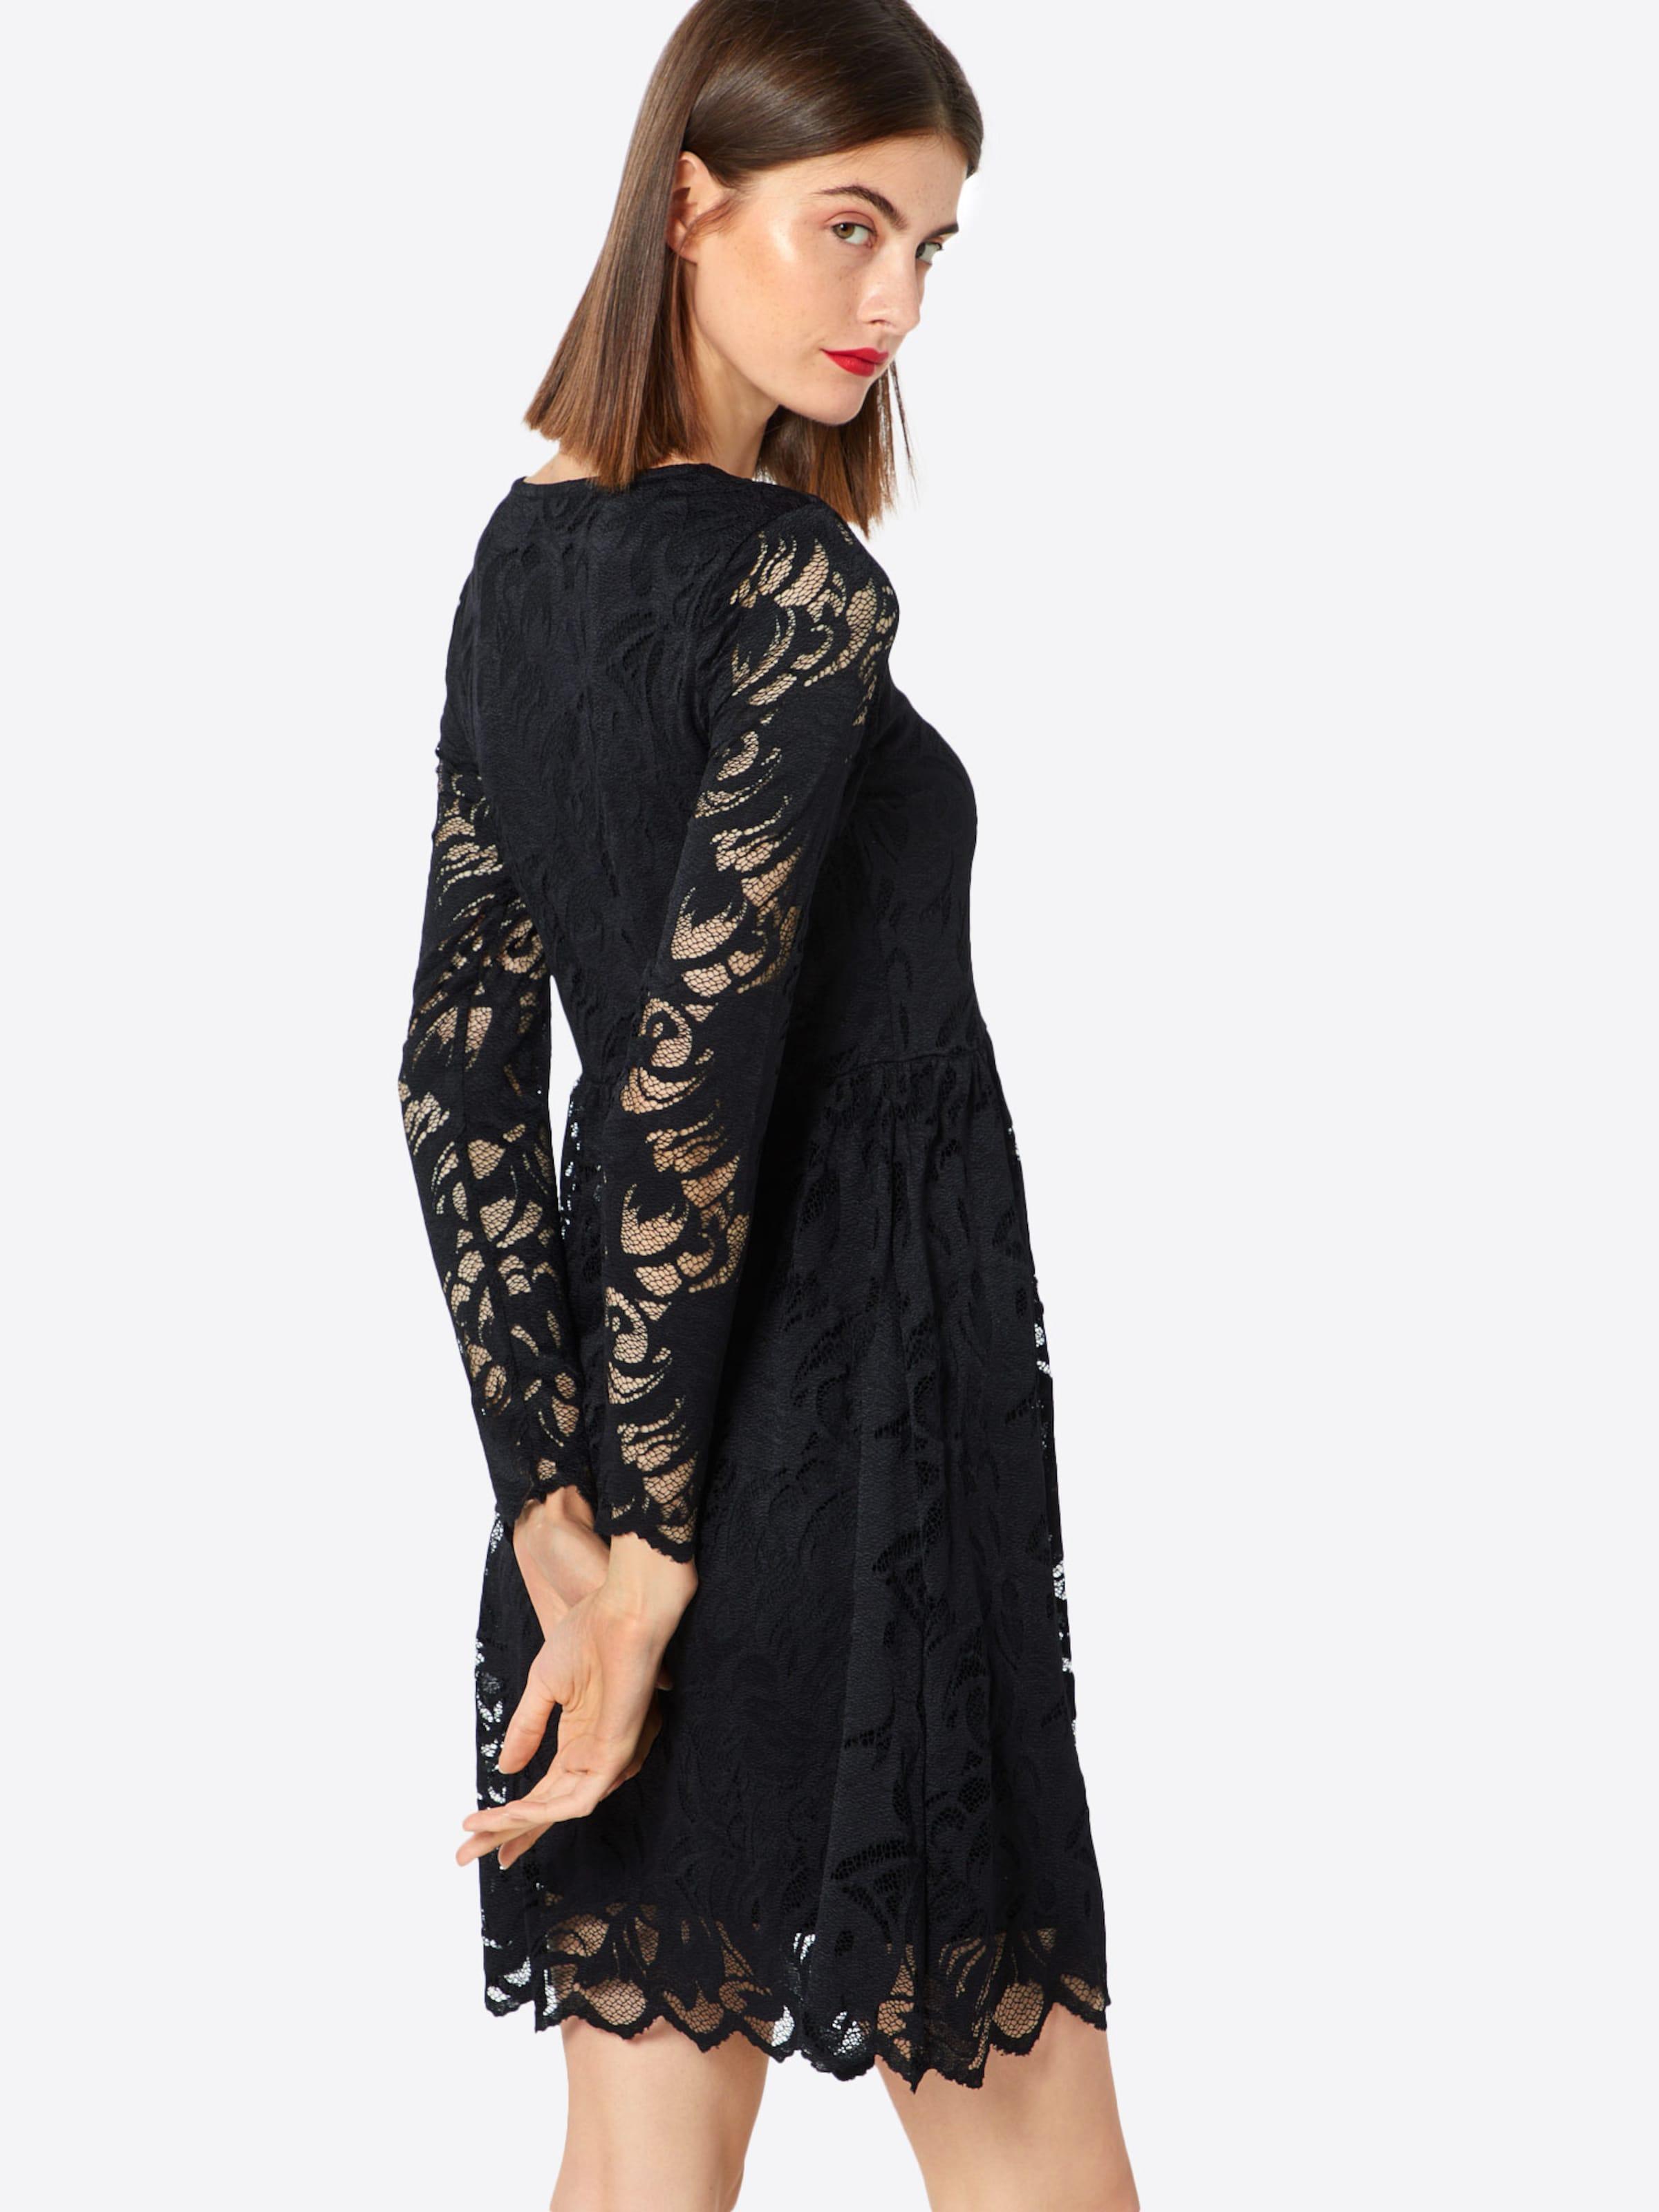 Lace' Robe Noir Cocktail 'stasia Vila En De pUMGVLqSz